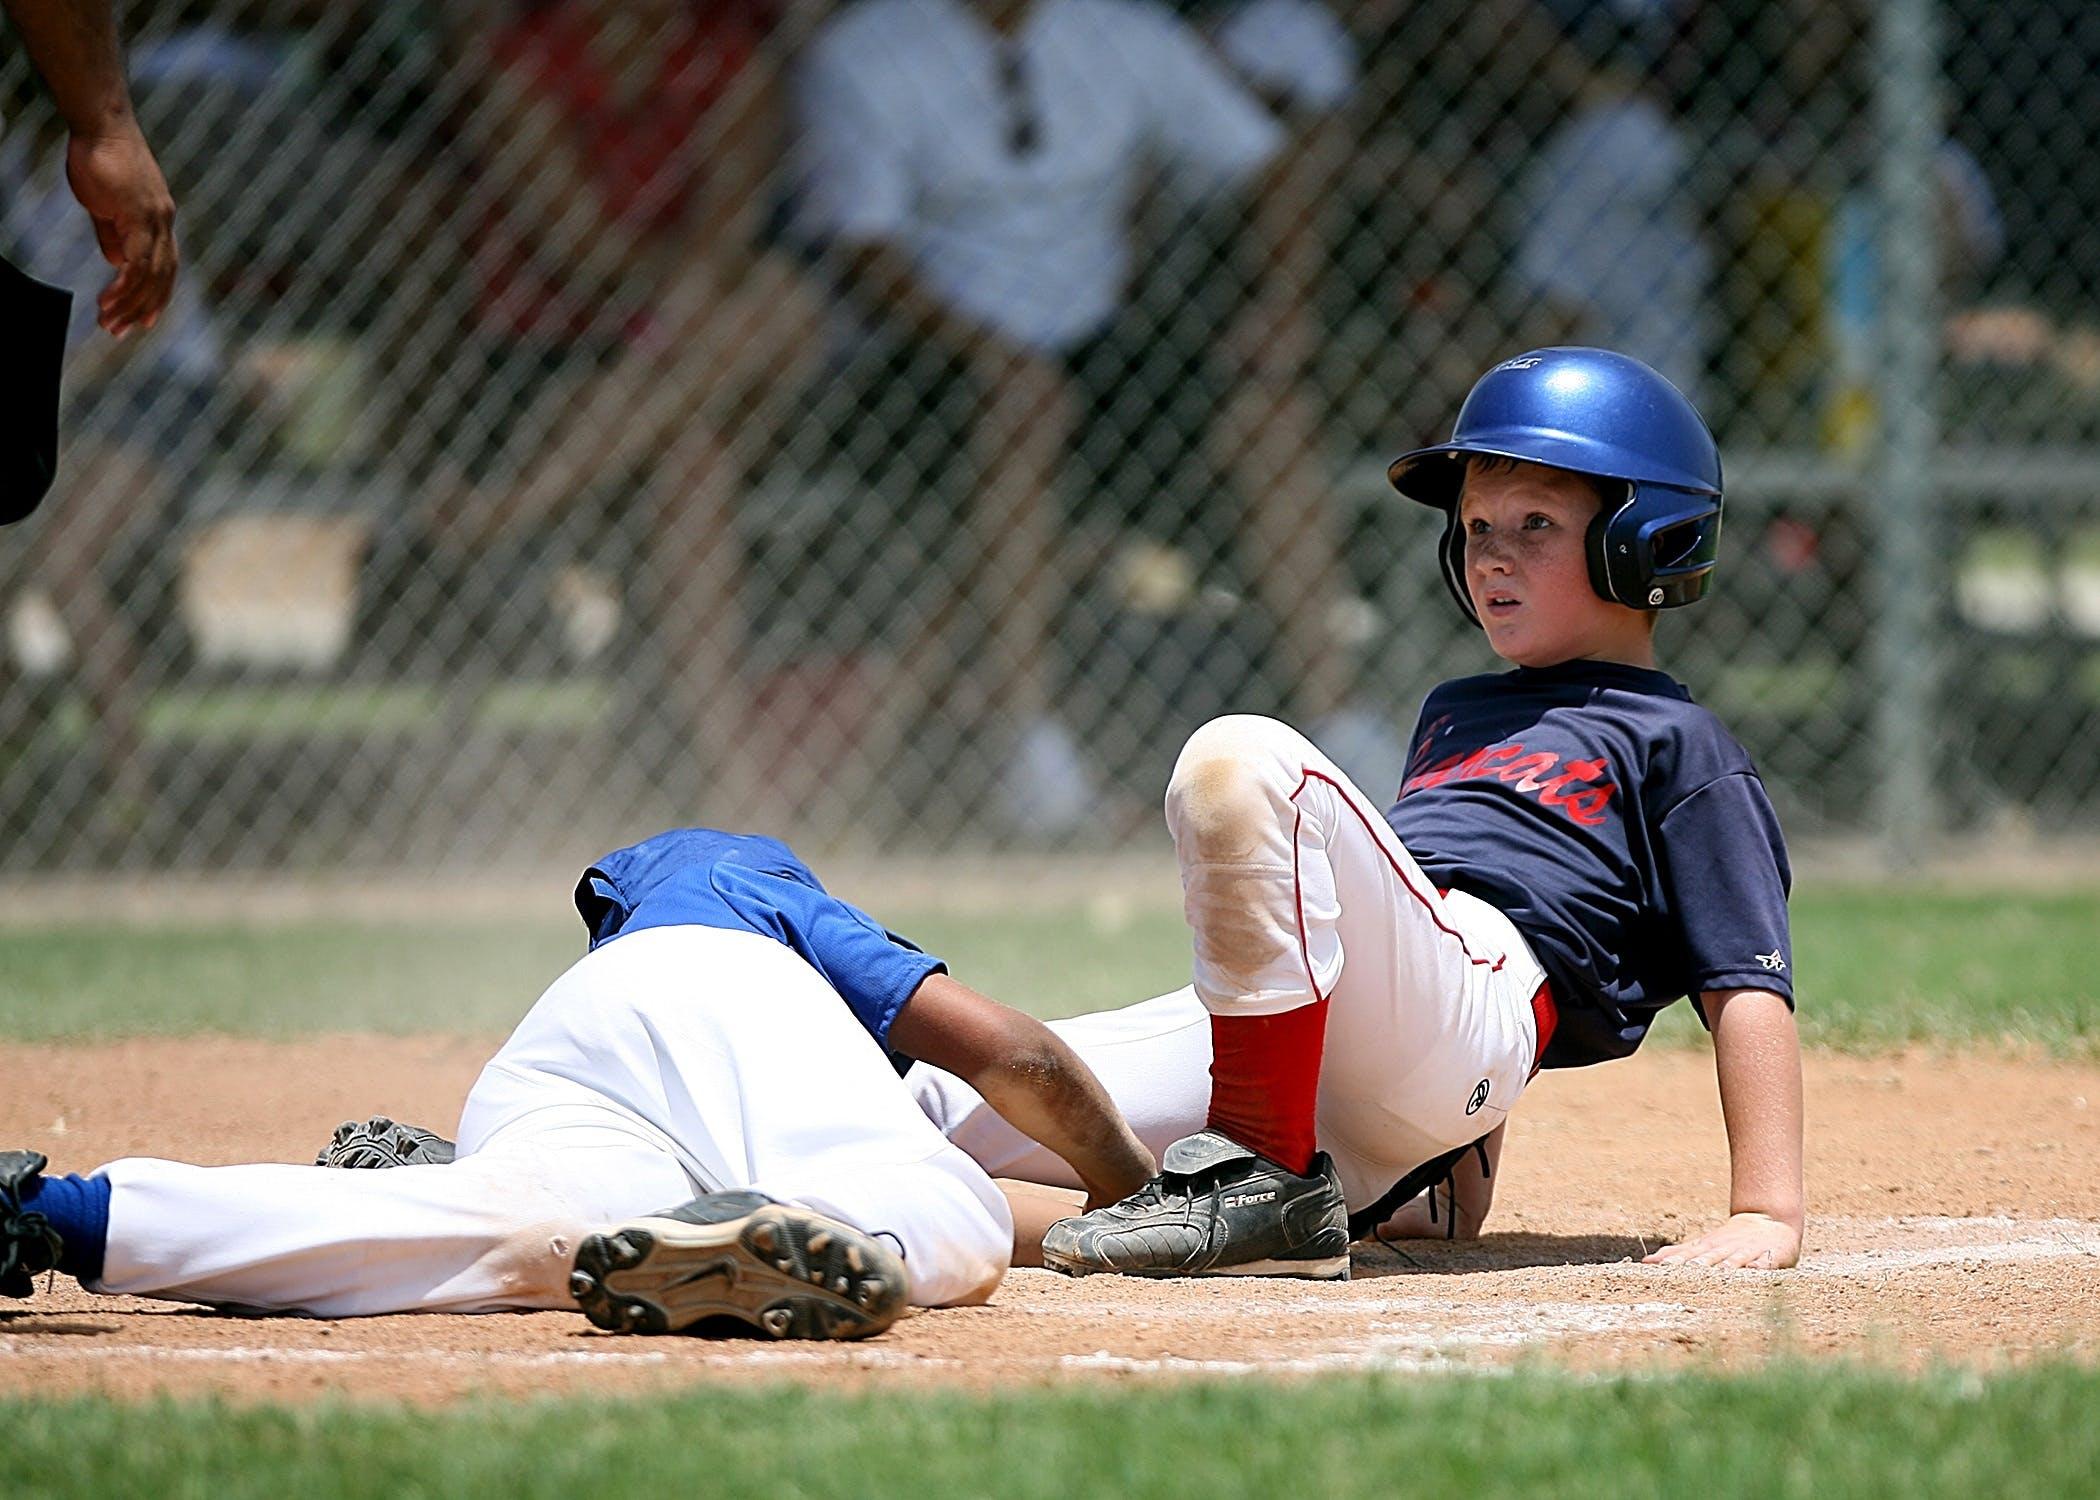 Selective Focus of Two Baseball Players